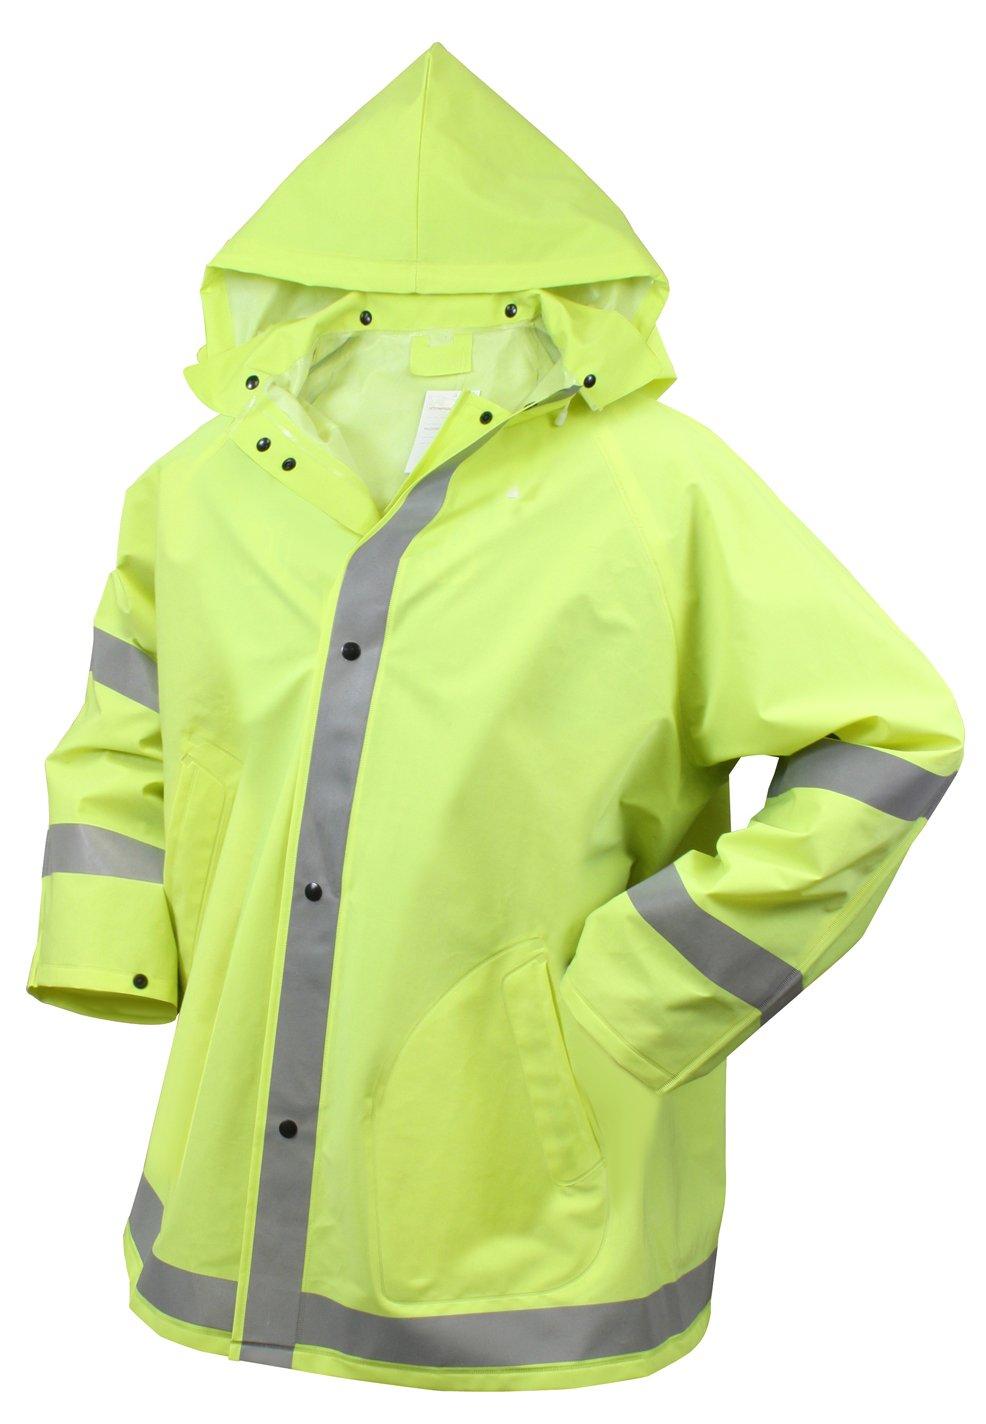 Rothco Reflective Rain Jacket 36572X